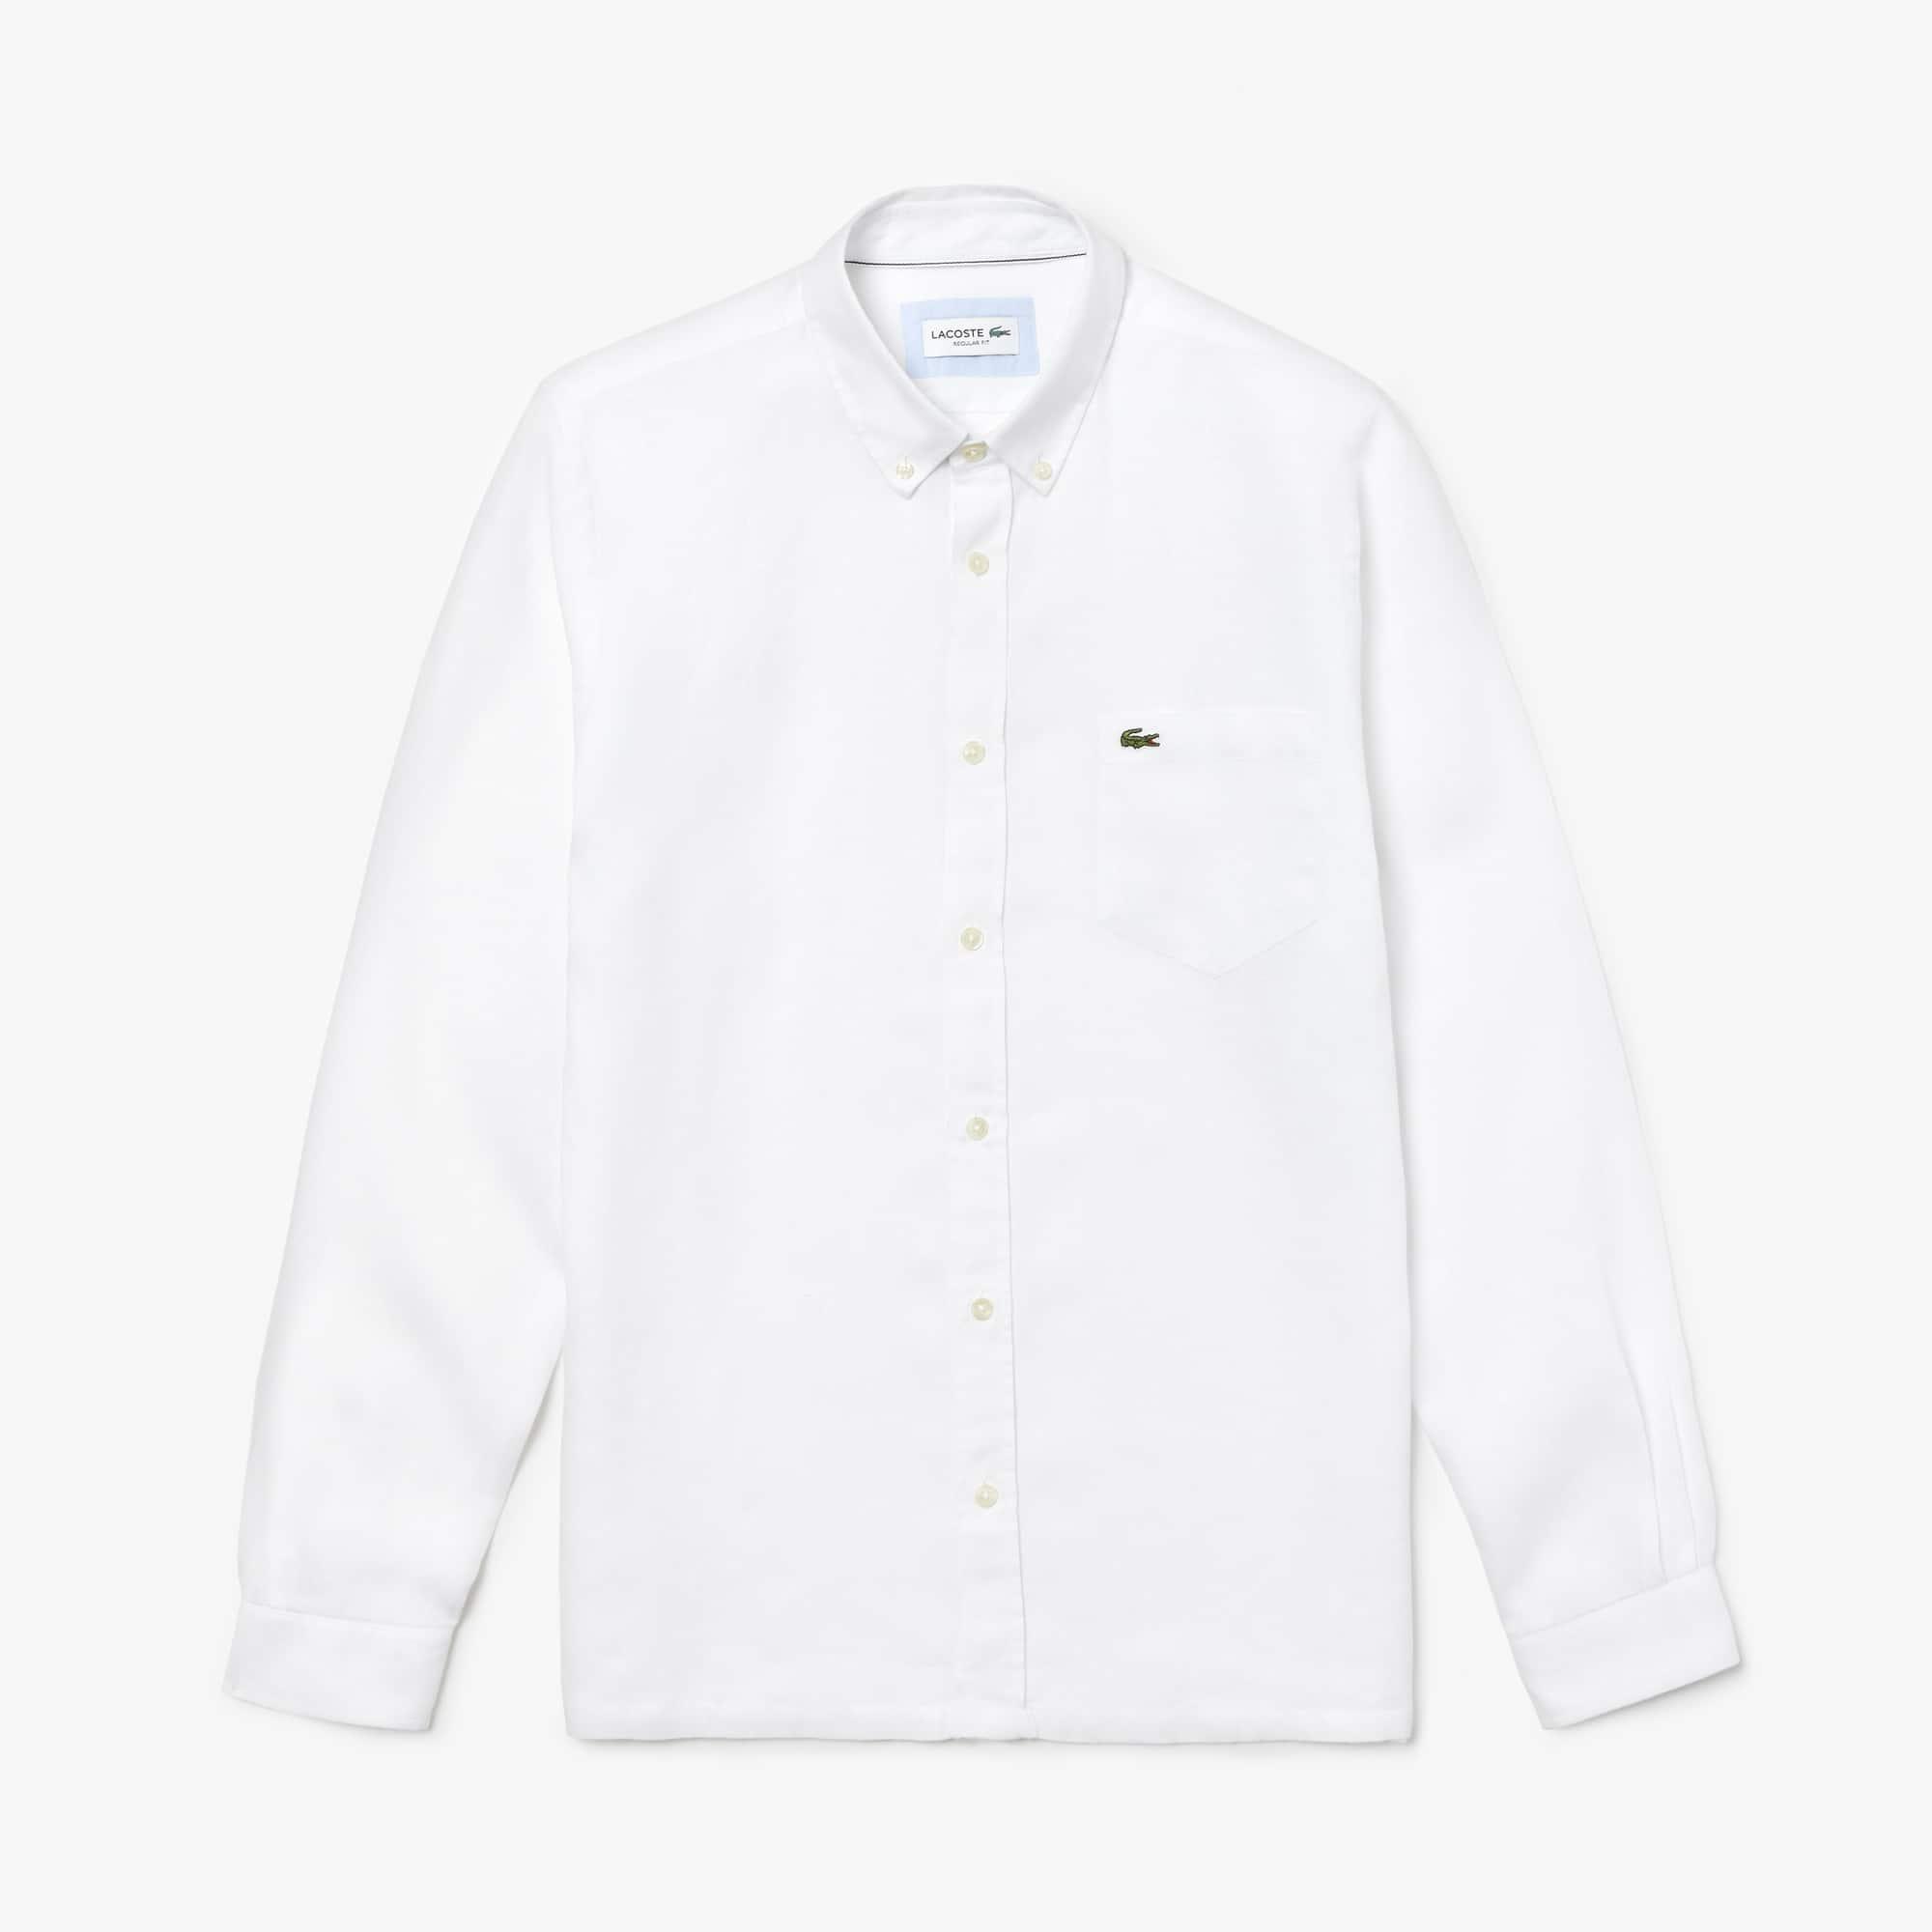 Camicia regular fit in tela di lino tinta unita